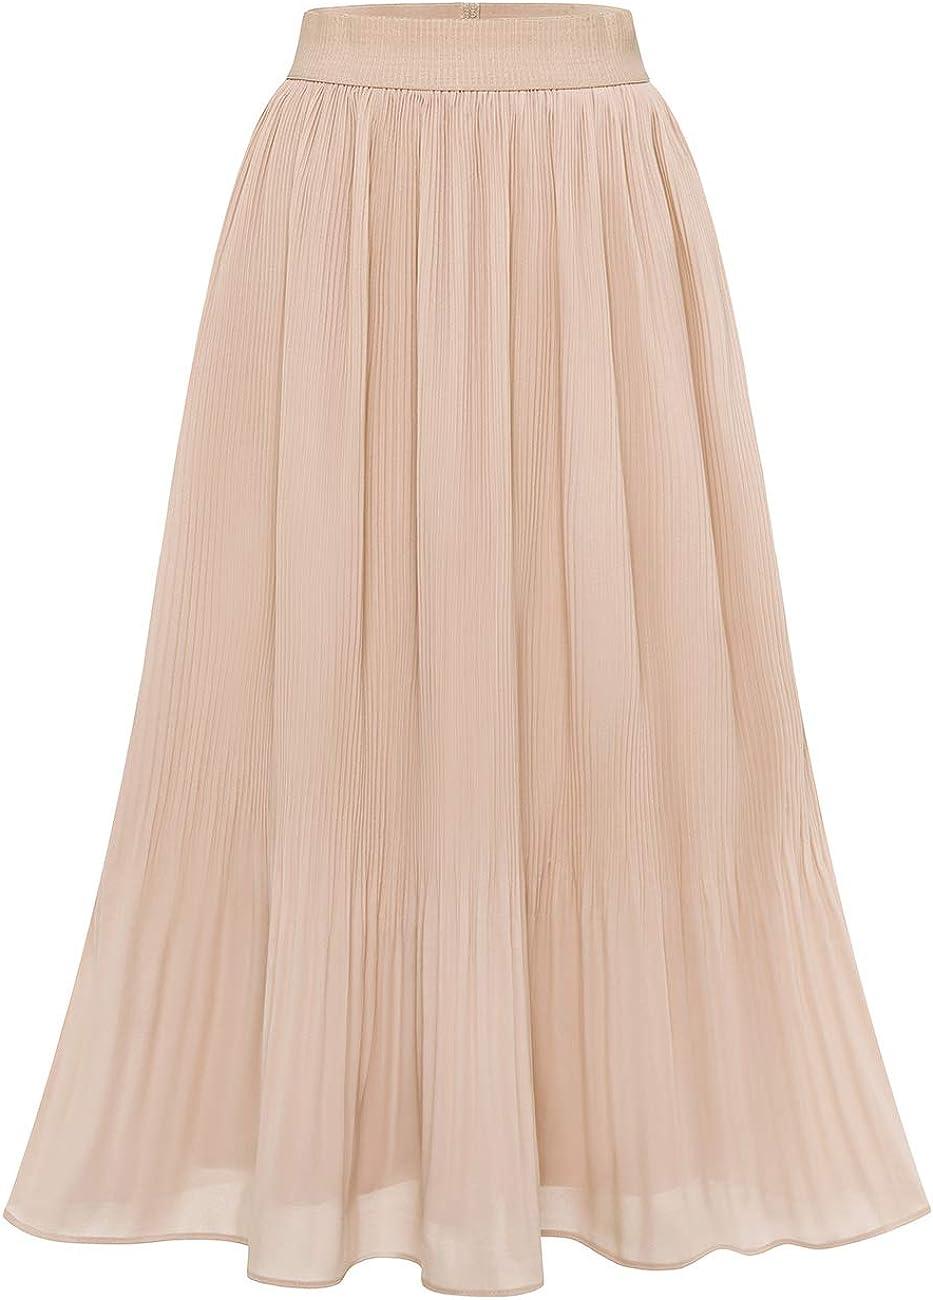 60s Skirts   70s Hippie Skirts, Jumper Dresses DRESSTELLS Womens Pleated Midi Skirt High Waist Swing Skirt A-Line Party Long Skirt $25.99 AT vintagedancer.com